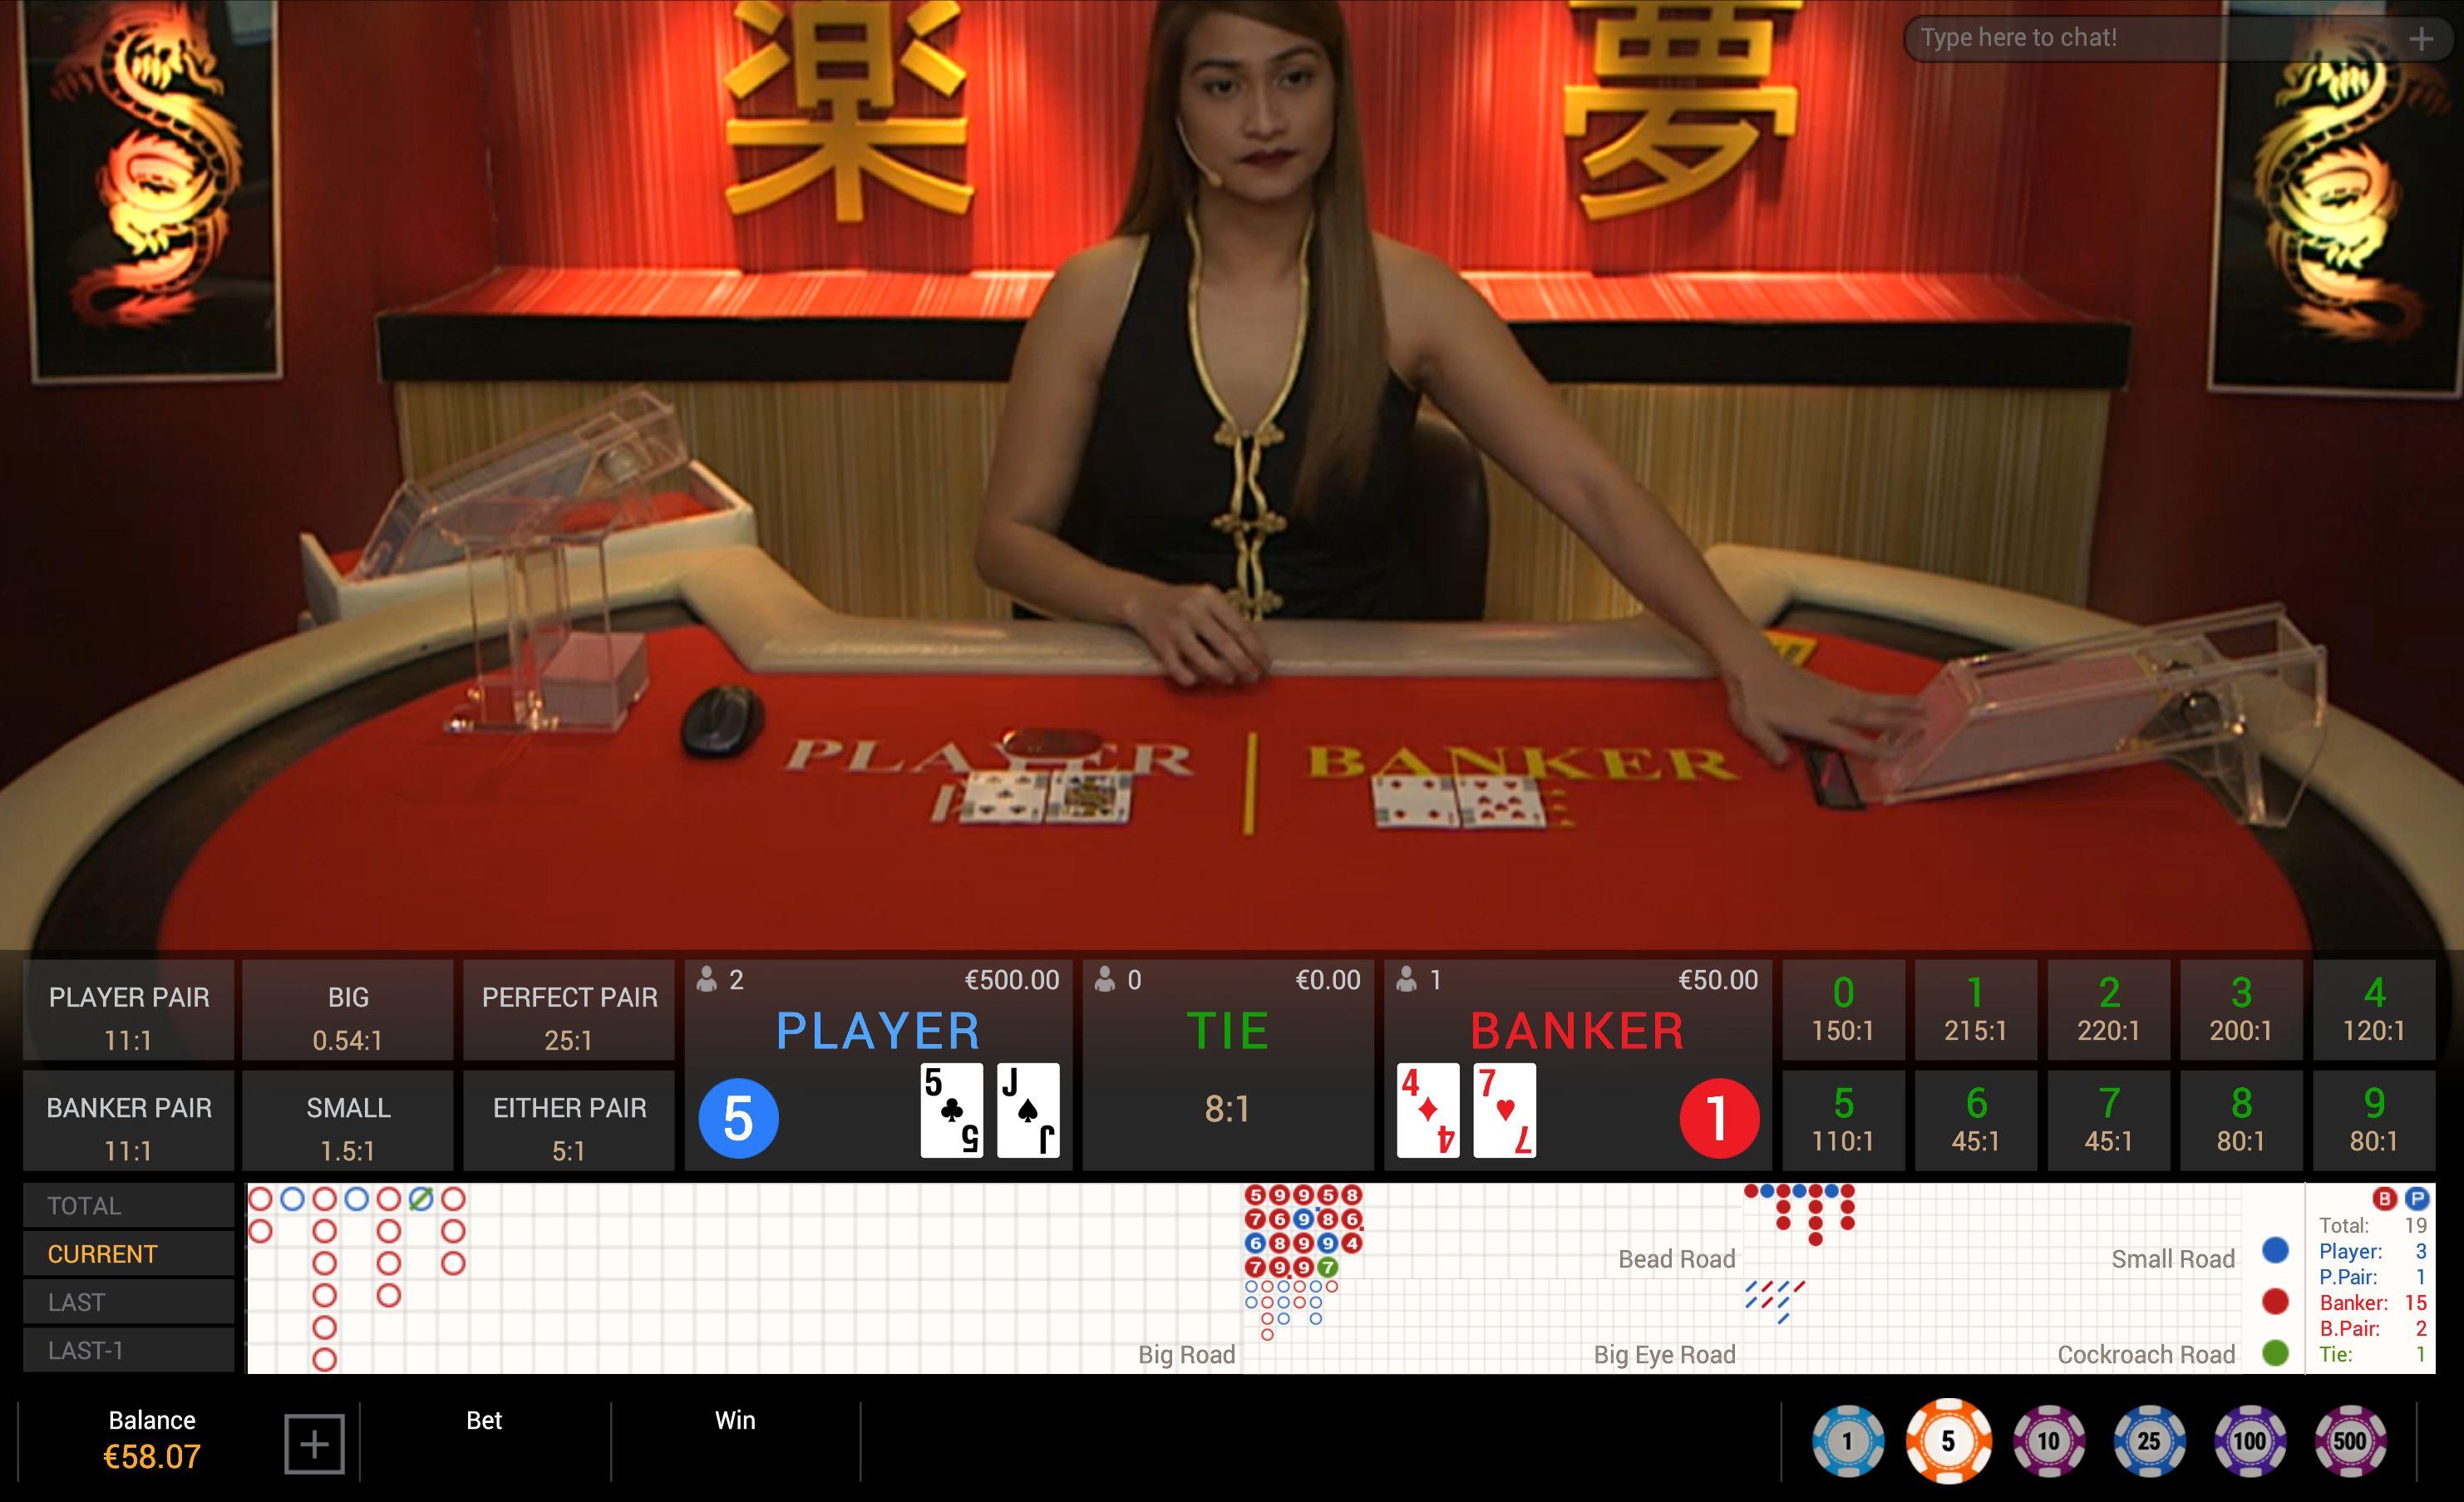 beste online casinos online casino spiel wie spielt man kartenspiele online